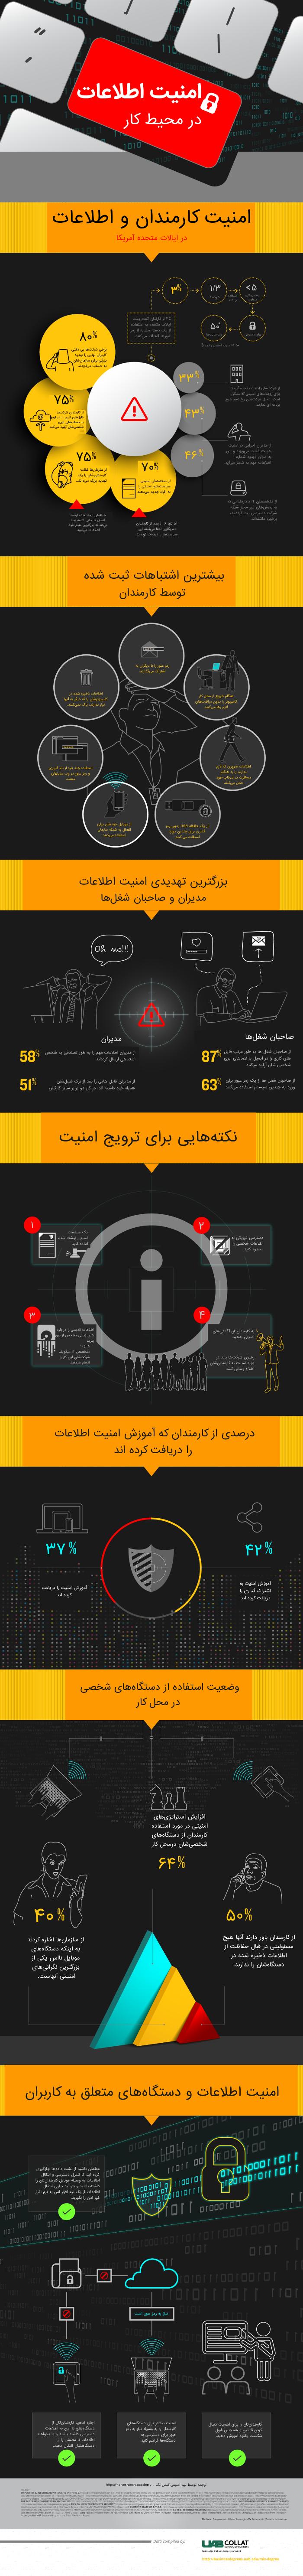 حفظ امنیت اطلاعات در محل کار